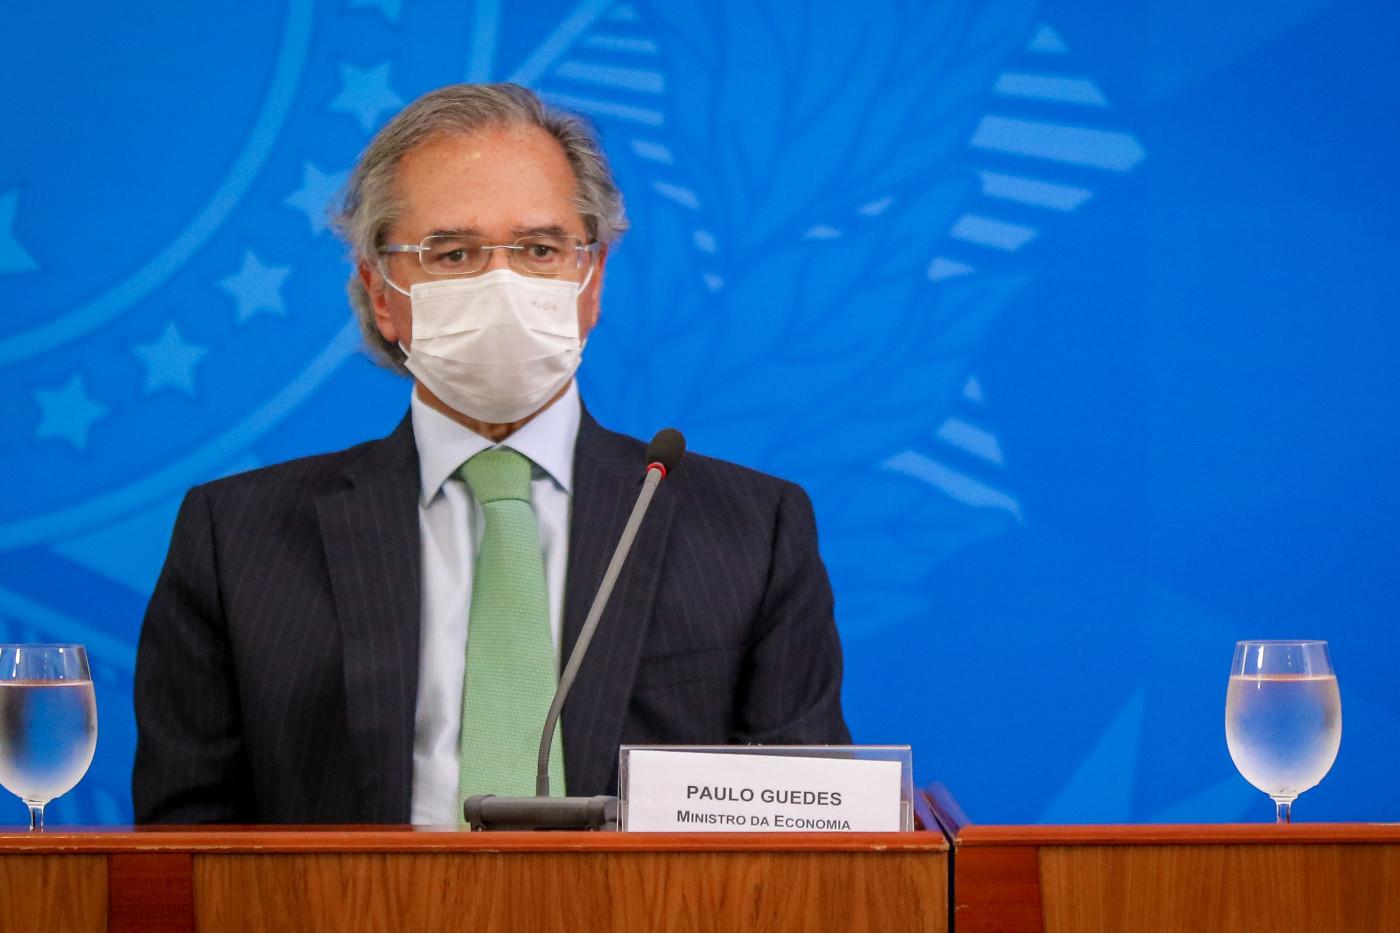 Paulo Guedes é o atual ministro da Economia do Brasil